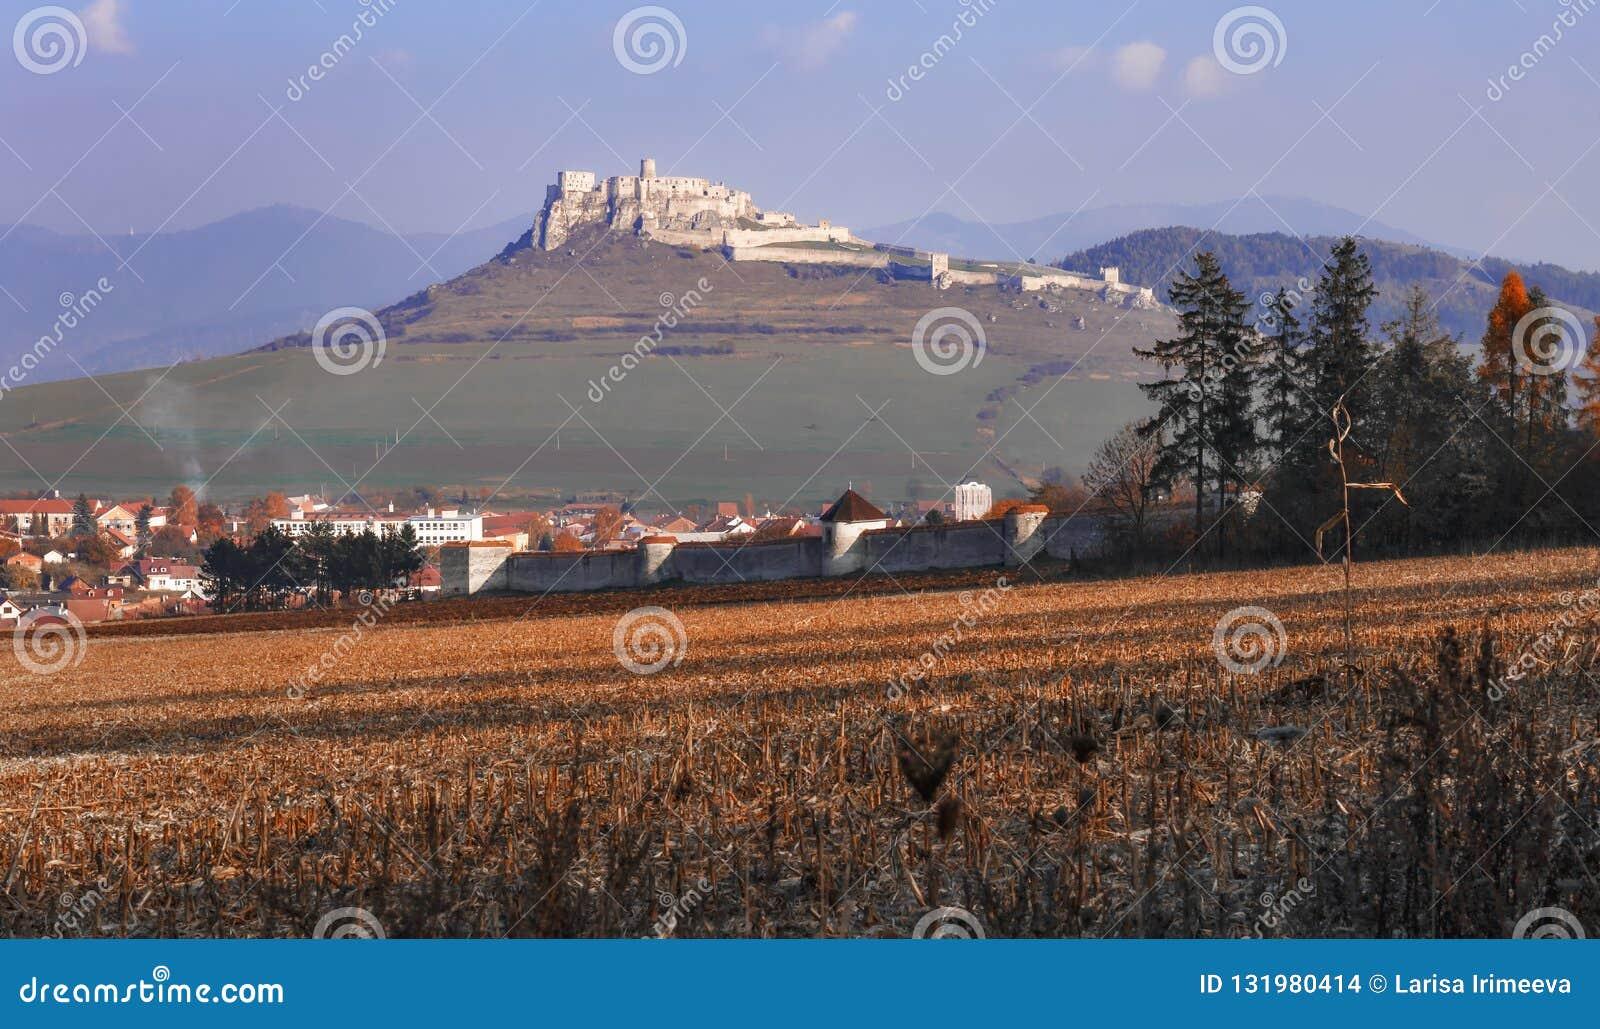 Fördärvar av den Spis slotten i hösten - den slovakiska republiken